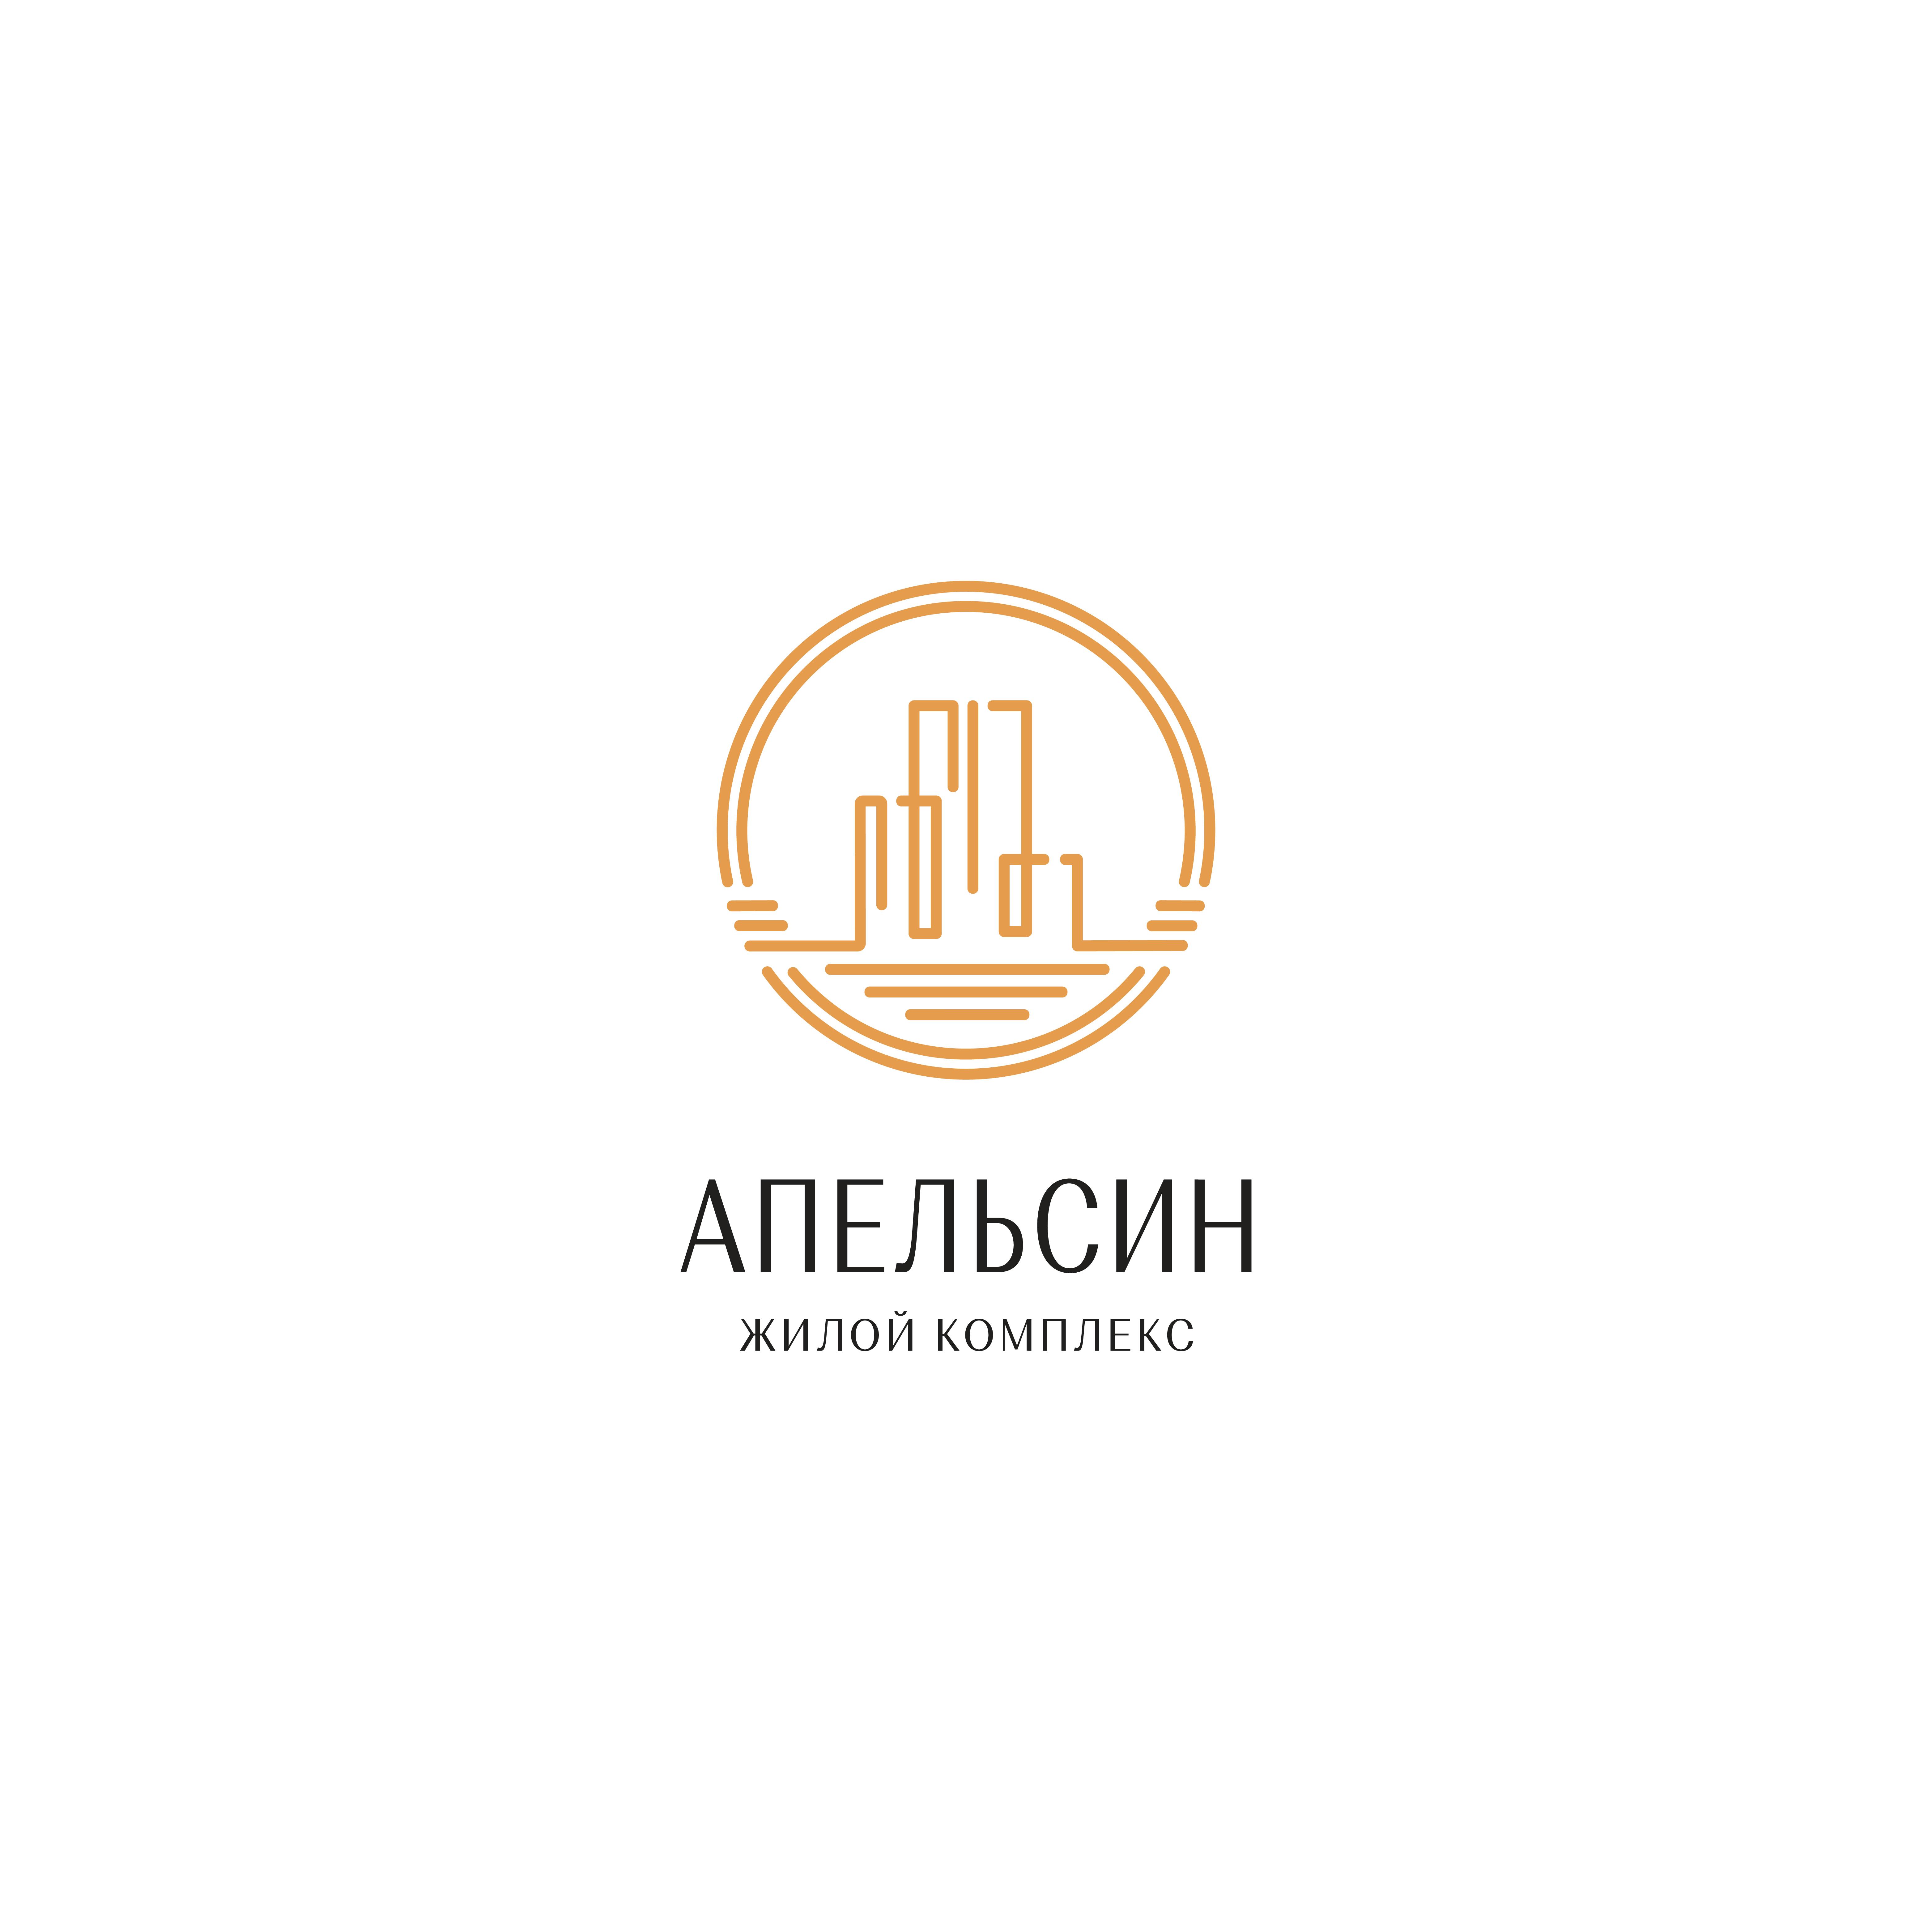 Логотип и фирменный стиль фото f_8935a71f546e4cc8.jpg